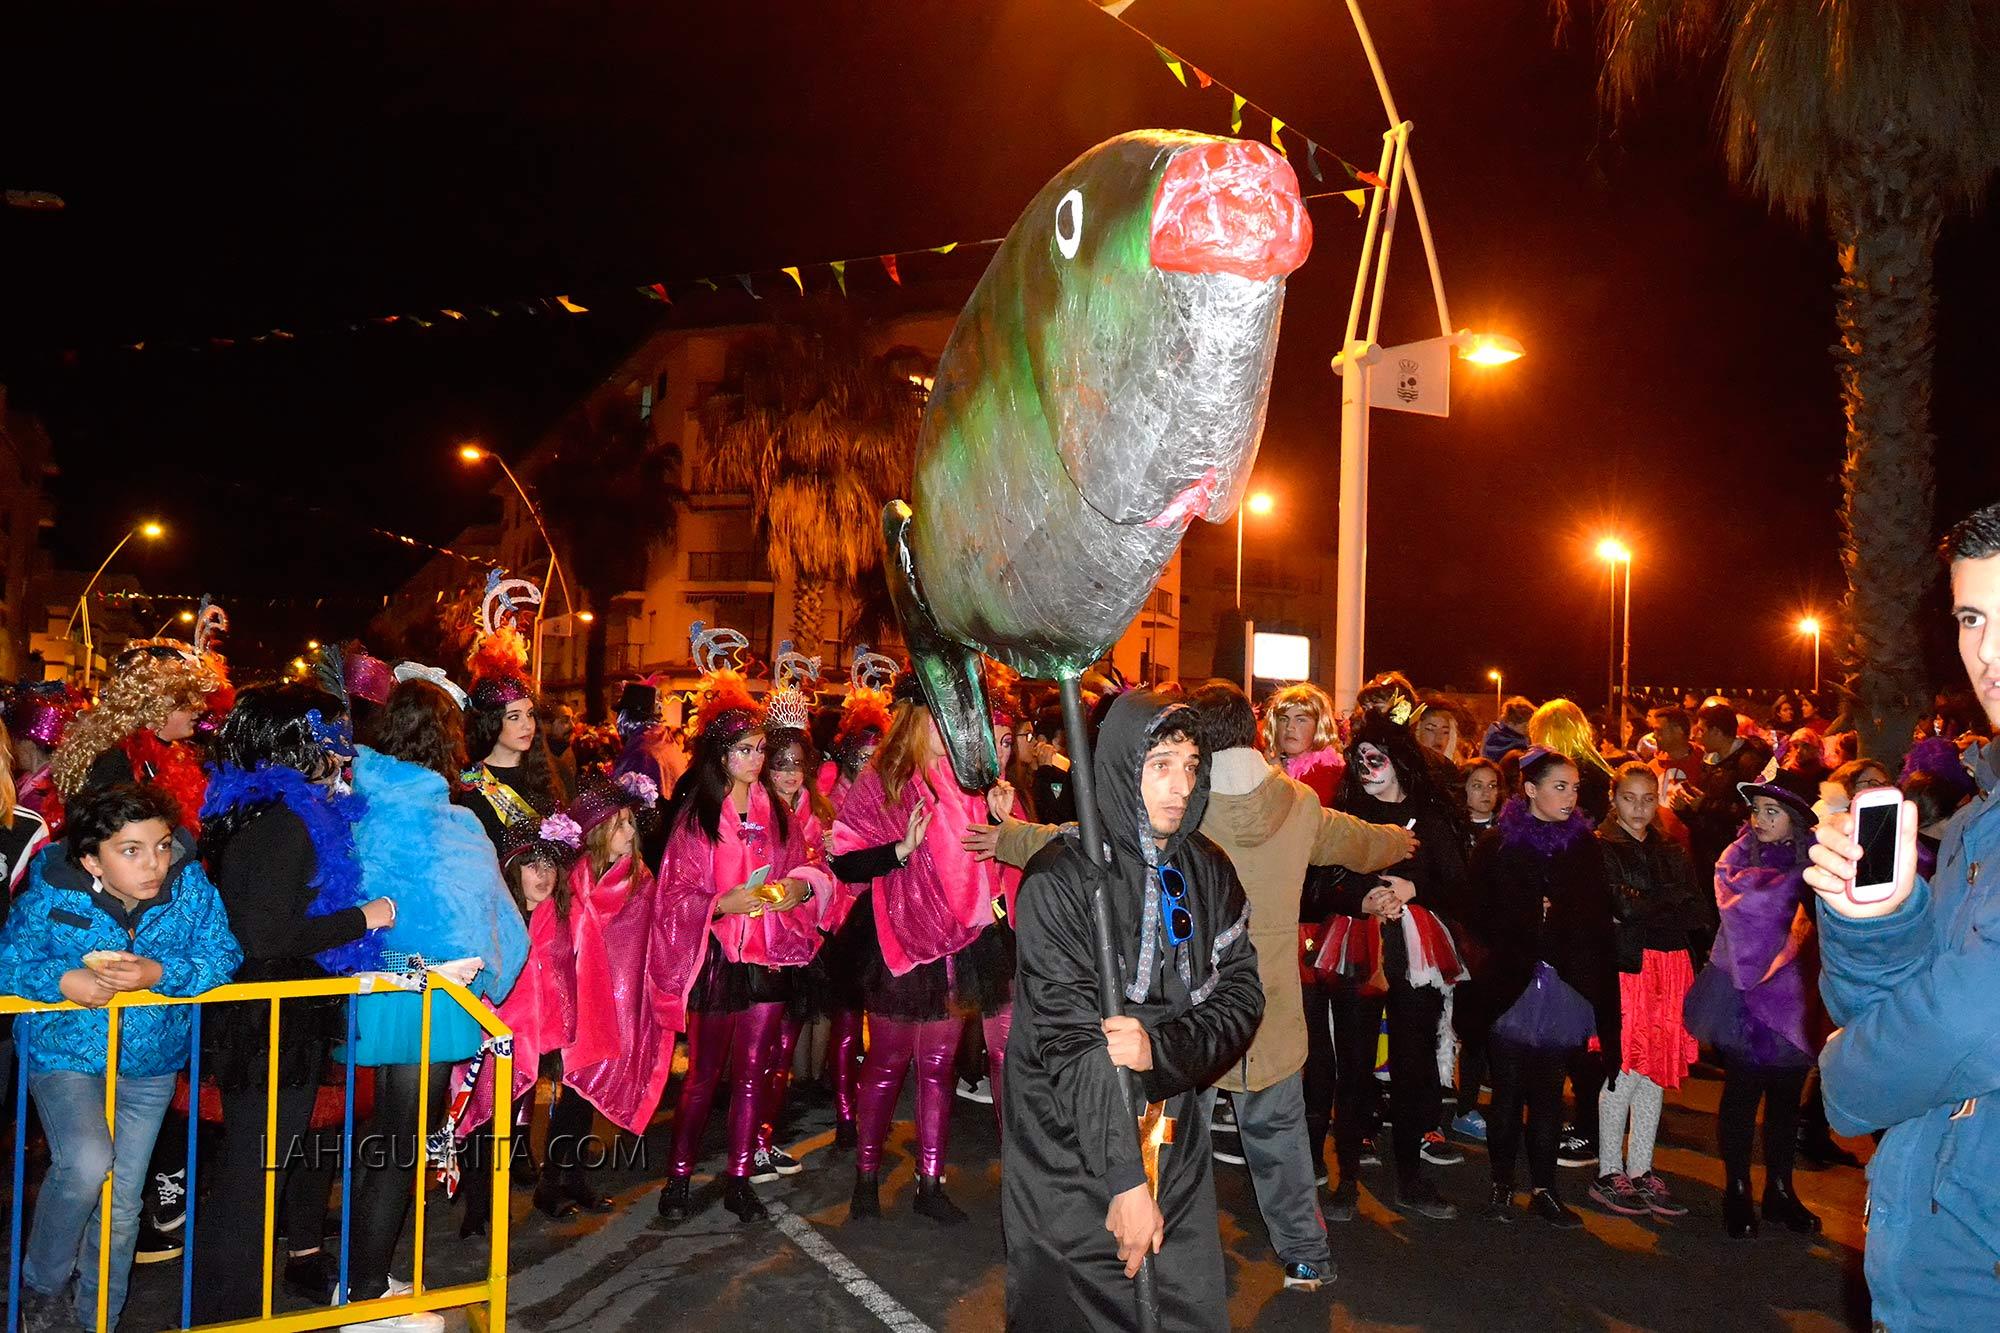 Entierro de la sardina carnaval isla cristina _DSC2337